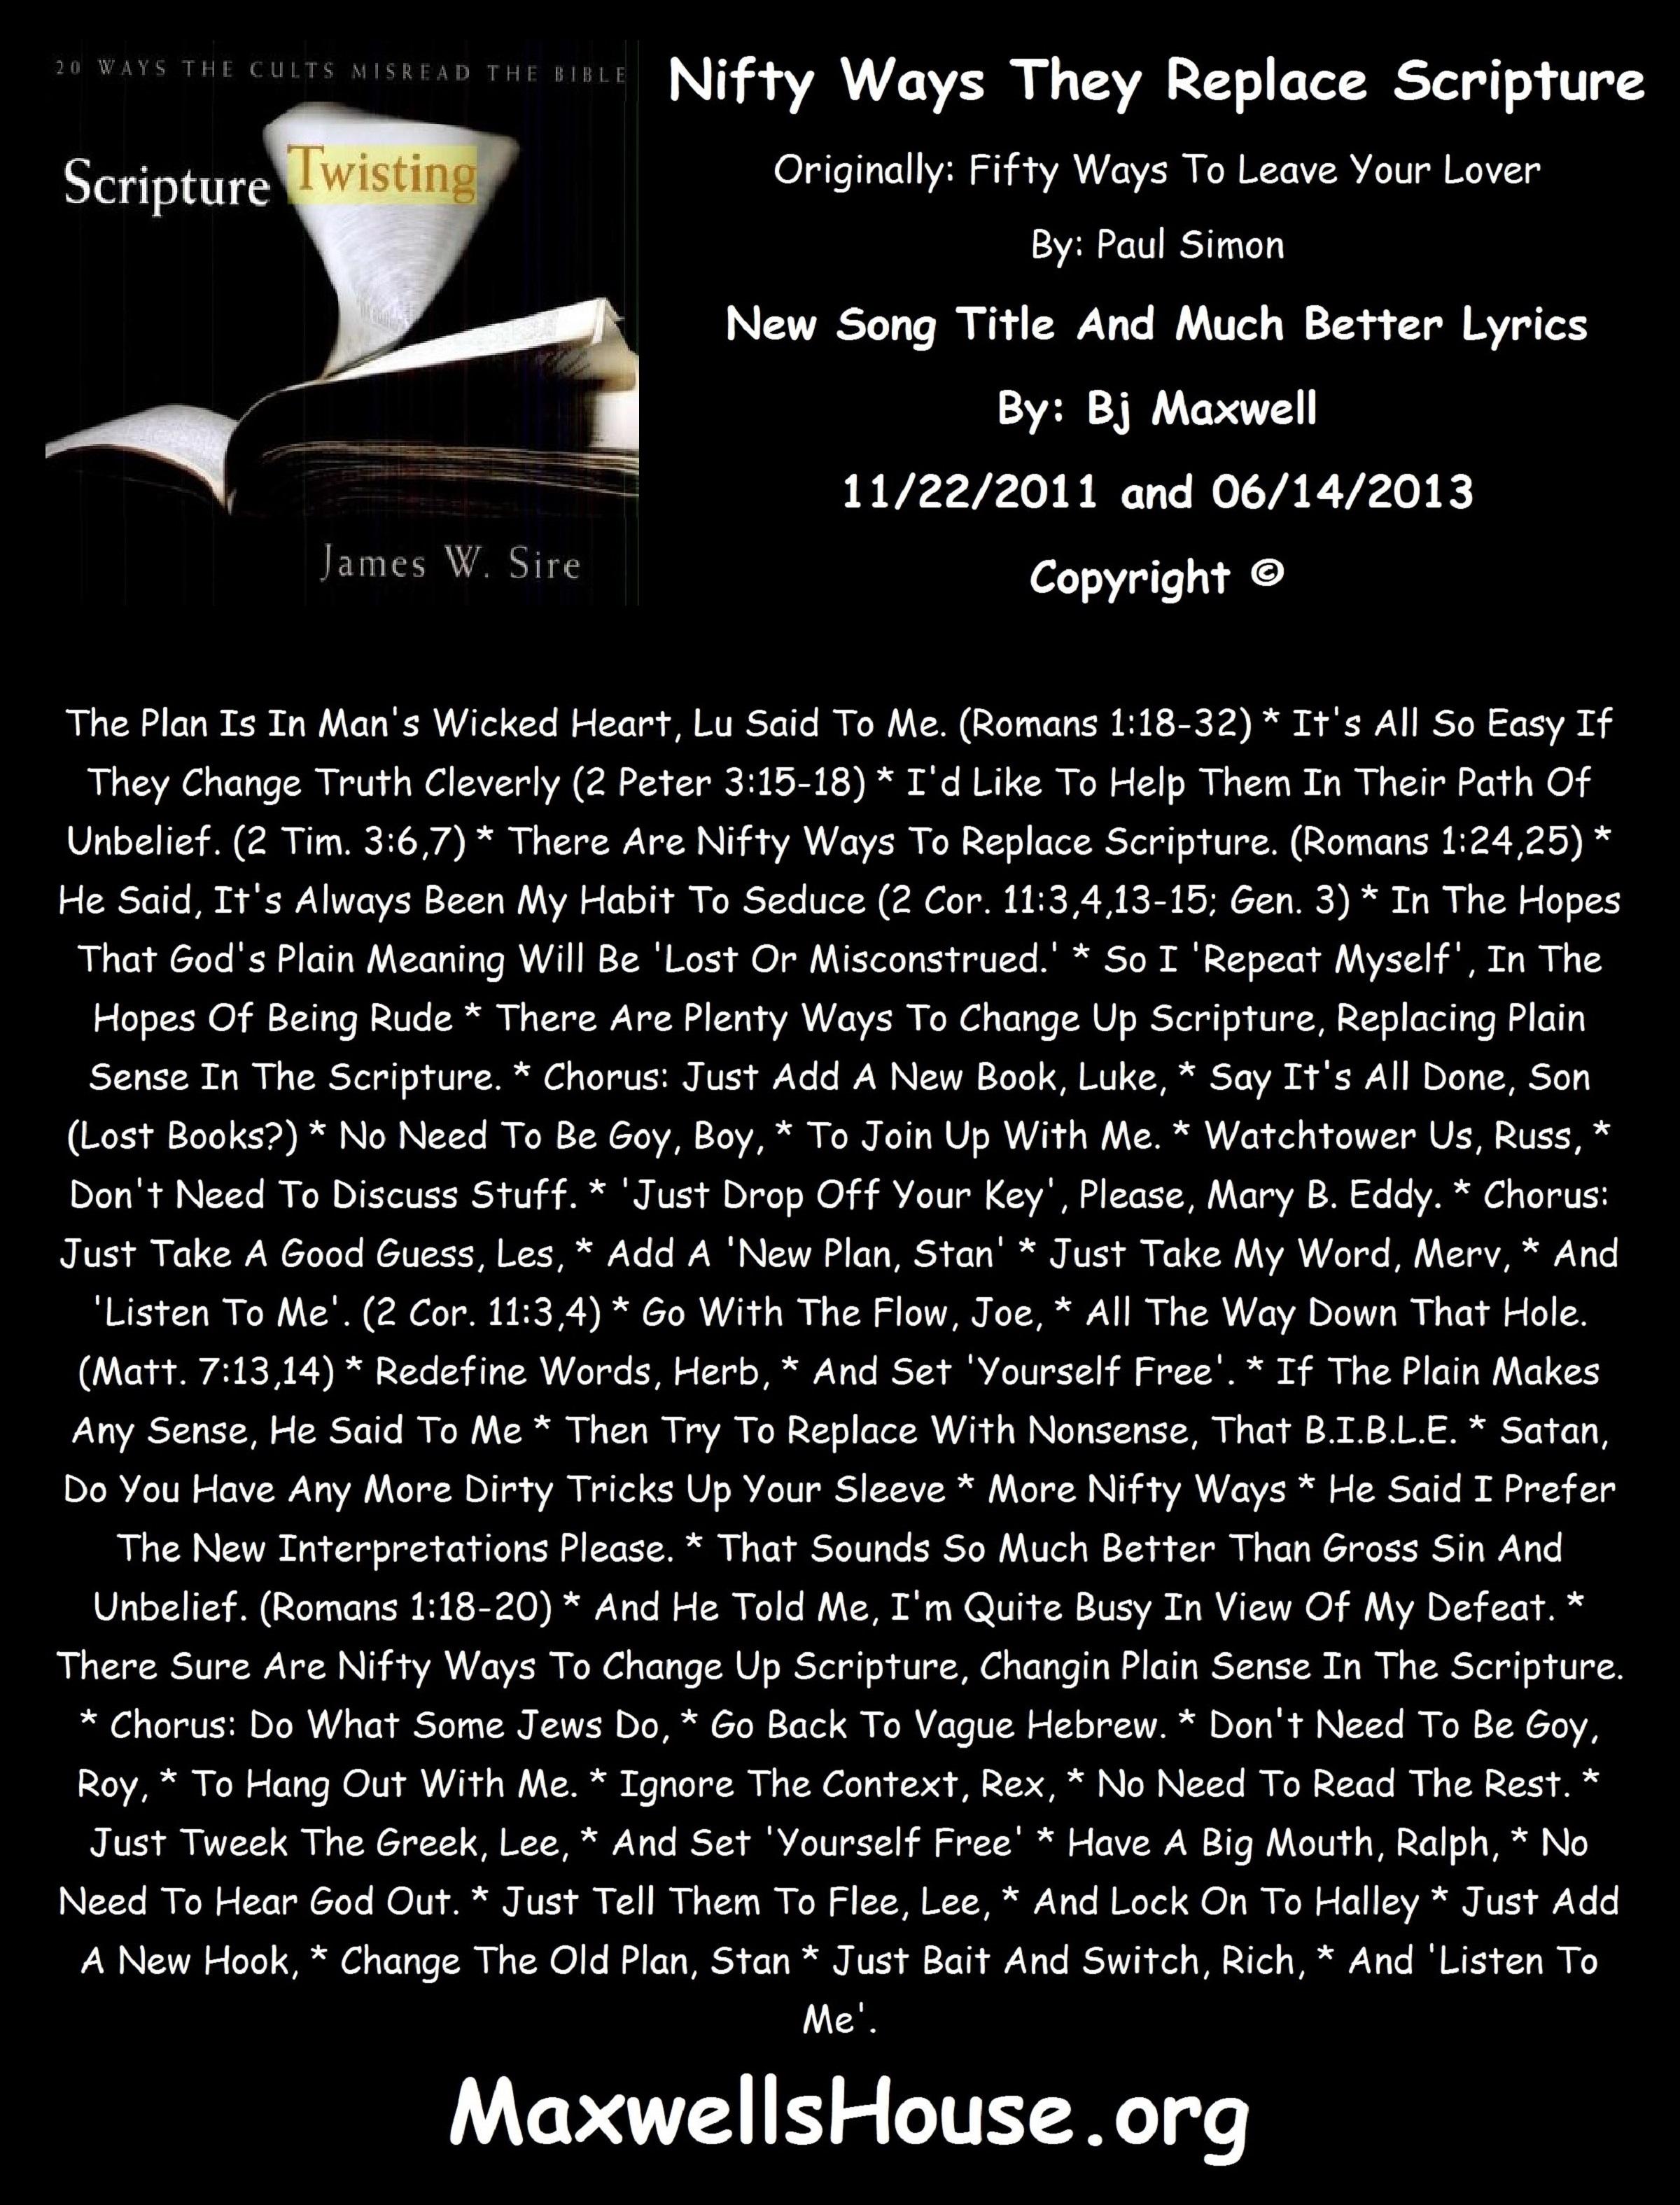 Eminem Rap Lyrics 8 Mile | www.imgkid.com - The Image Kid